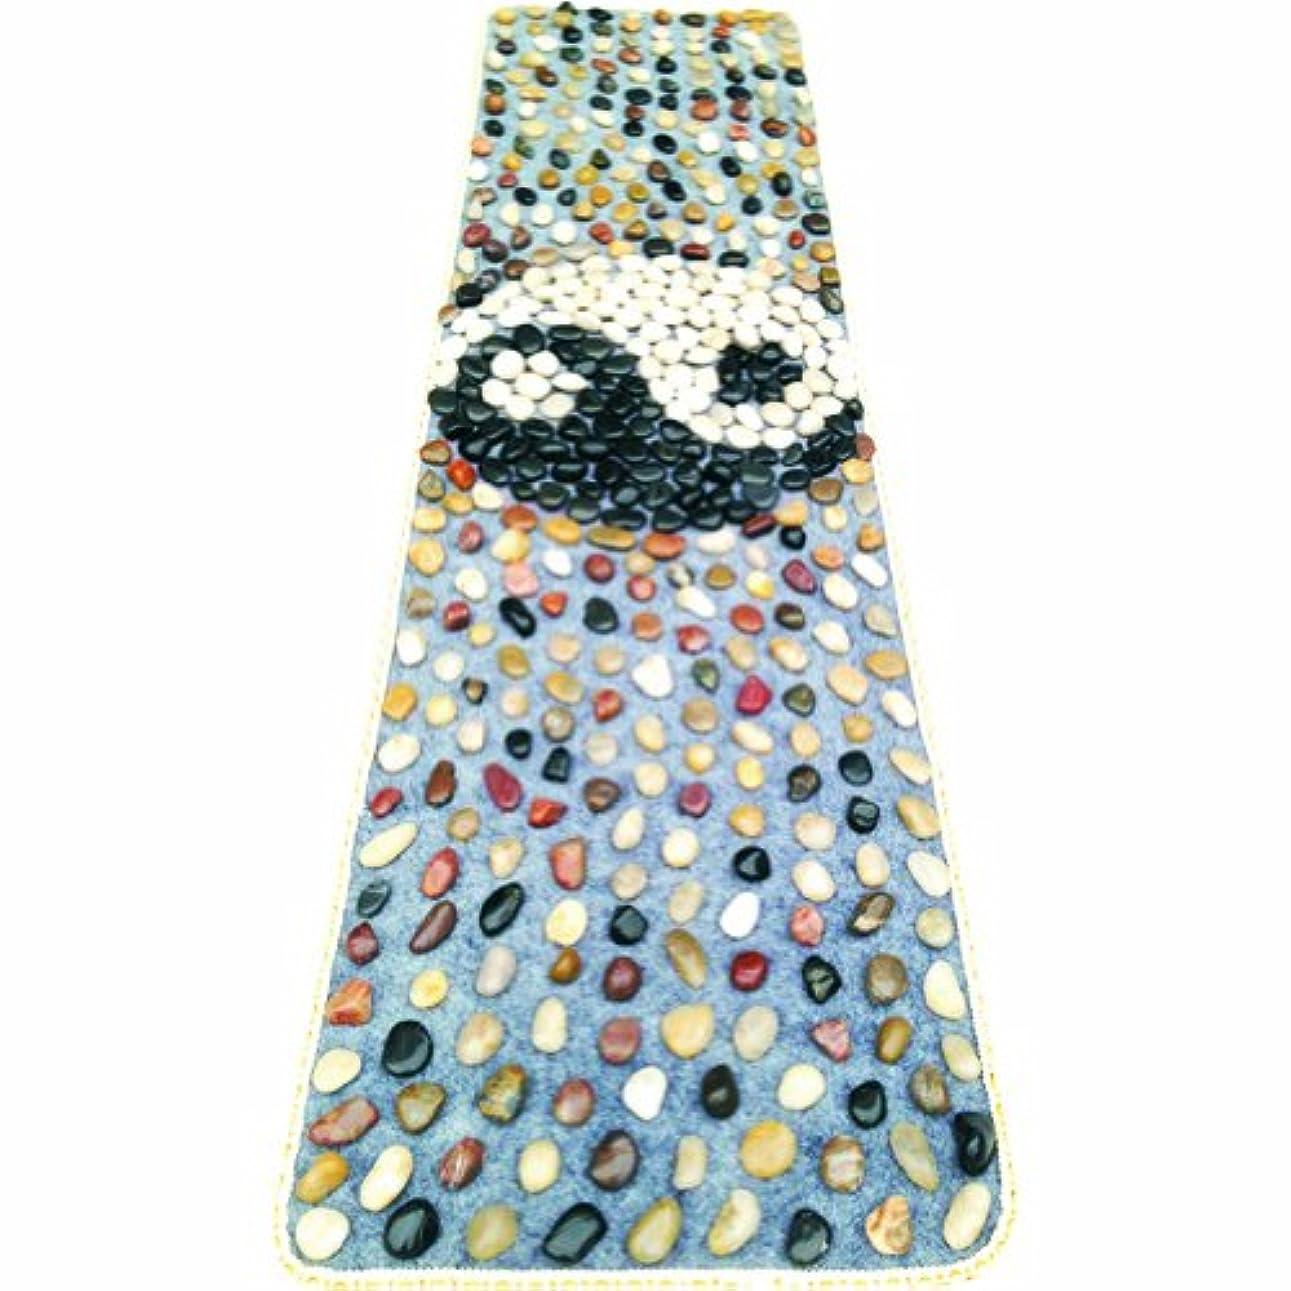 ビジター必要とするカラスフットマッサージマットルームの装飾健康的な歩道父の日母の日誕生日プレゼント(WZ-15)